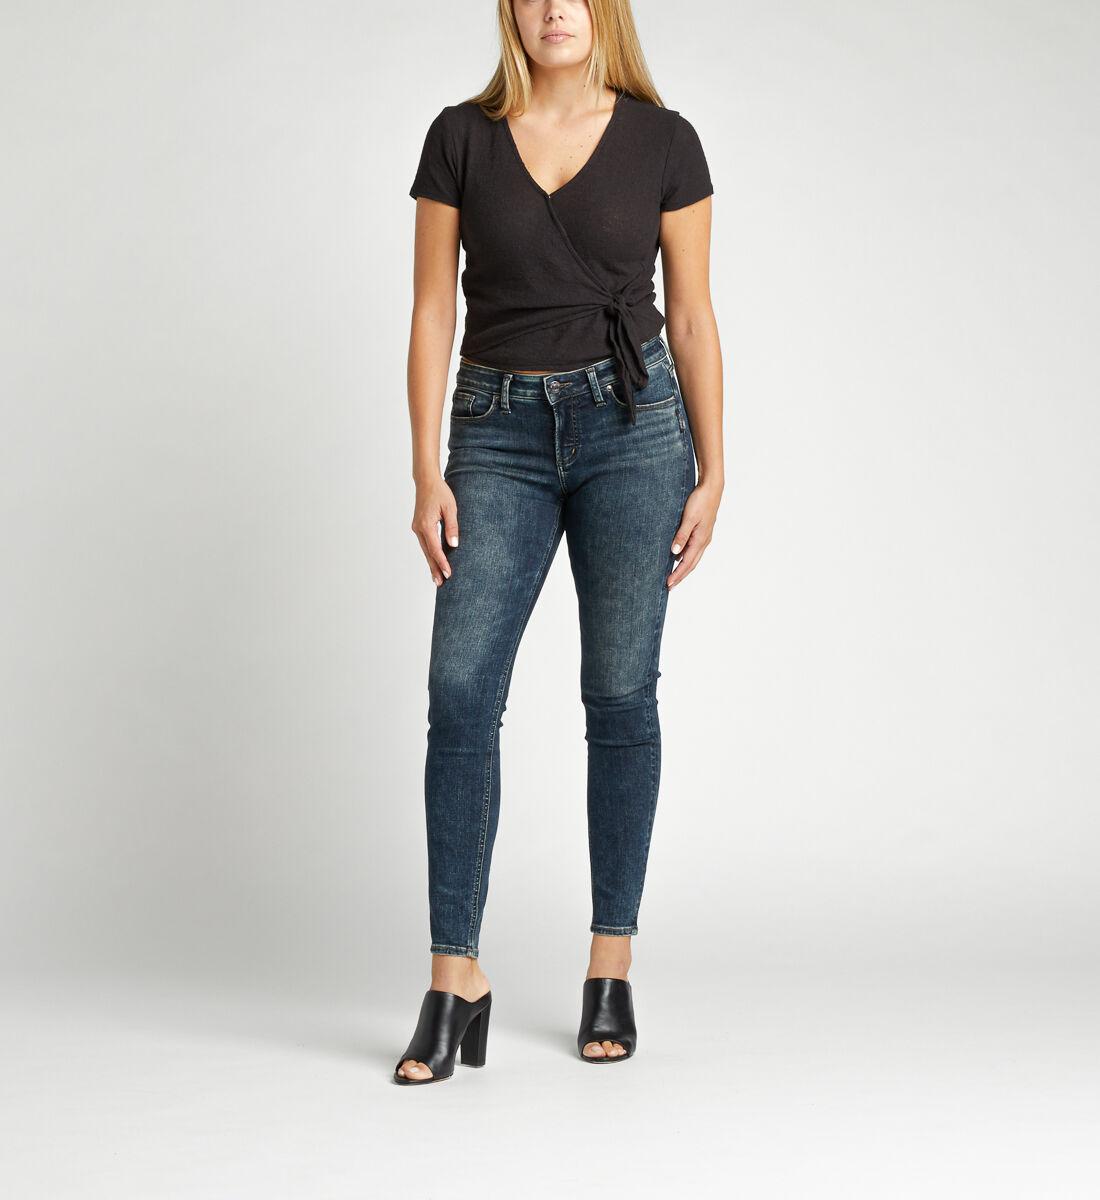 Elyse Mid Rise Skinny Jeans Alt Image 1